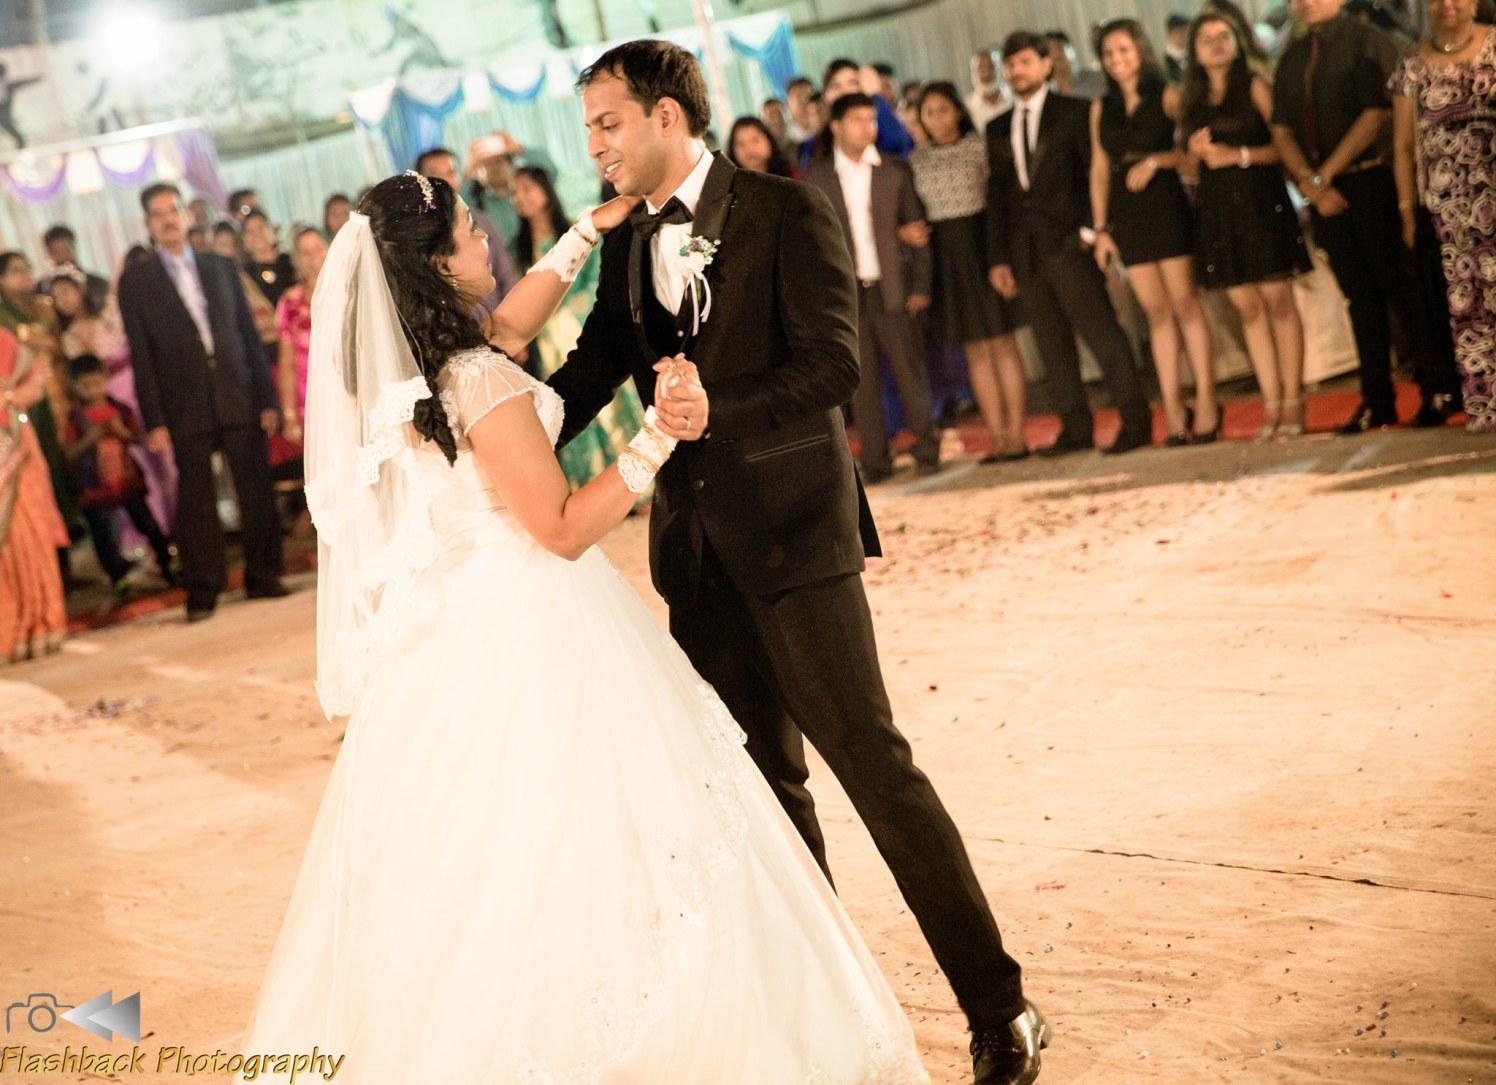 Joy filled celebration! by Flashback photography  Wedding-photography | Weddings Photos & Ideas